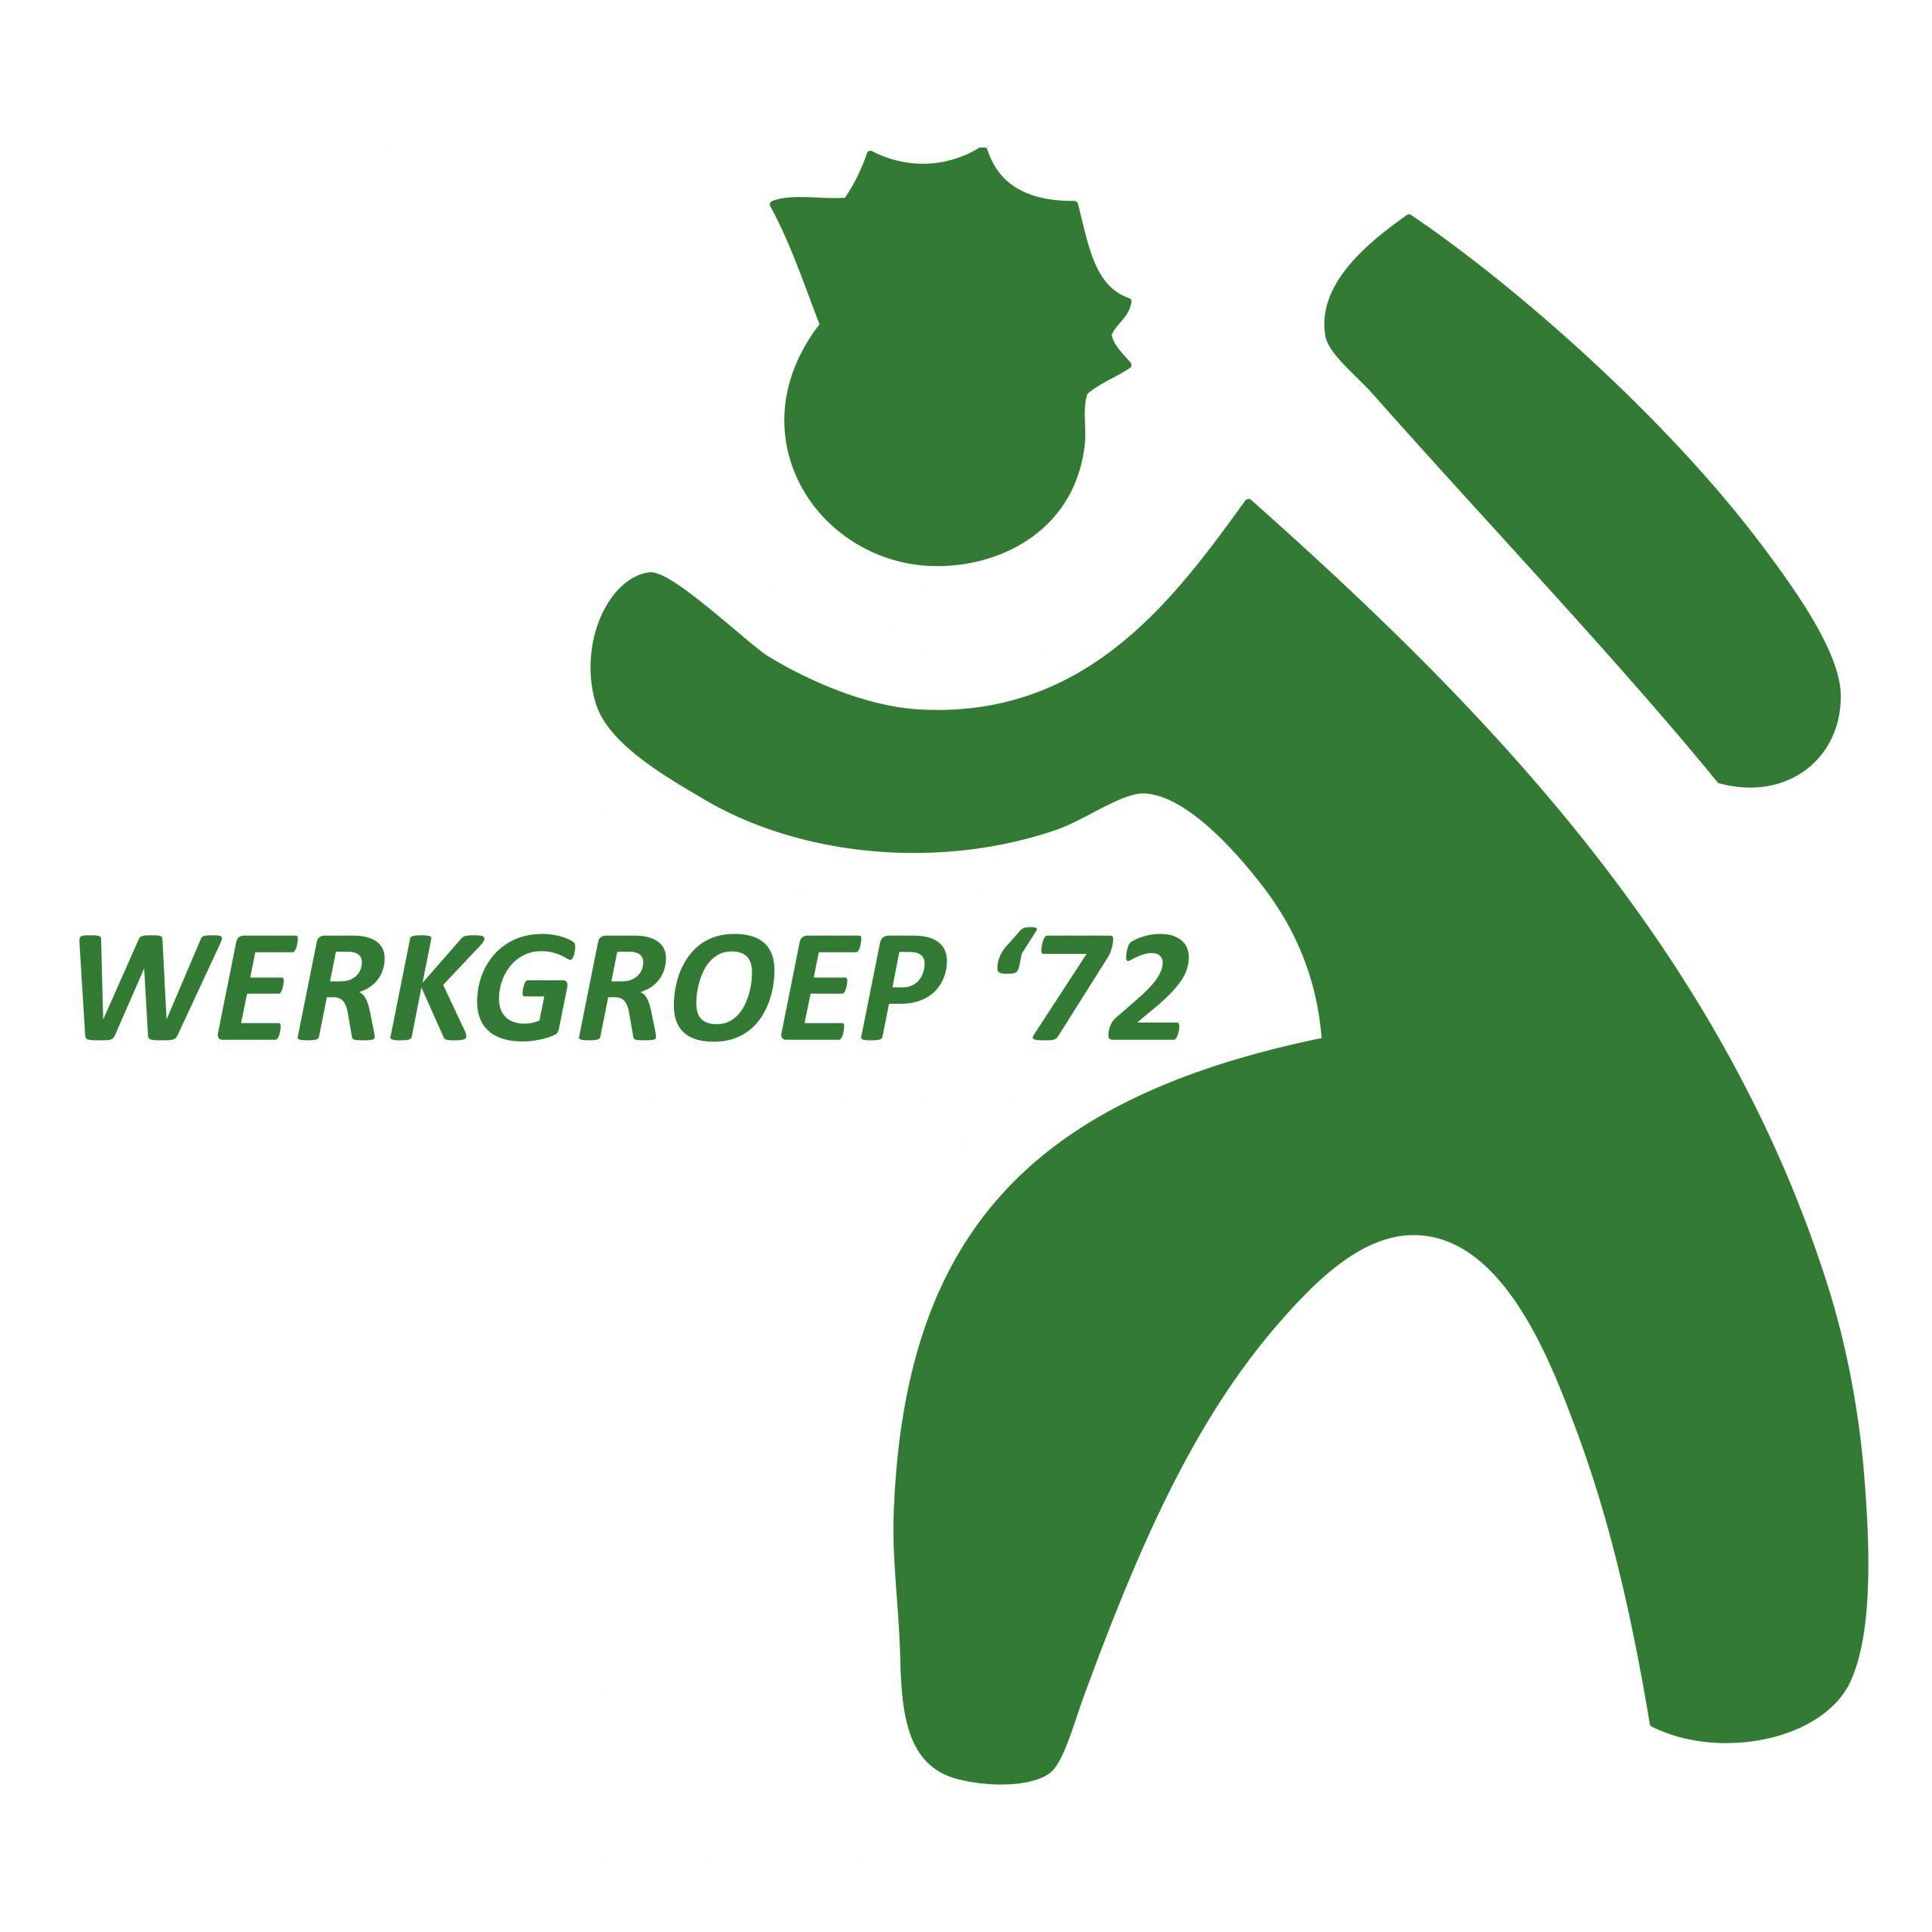 Werkgroep '72